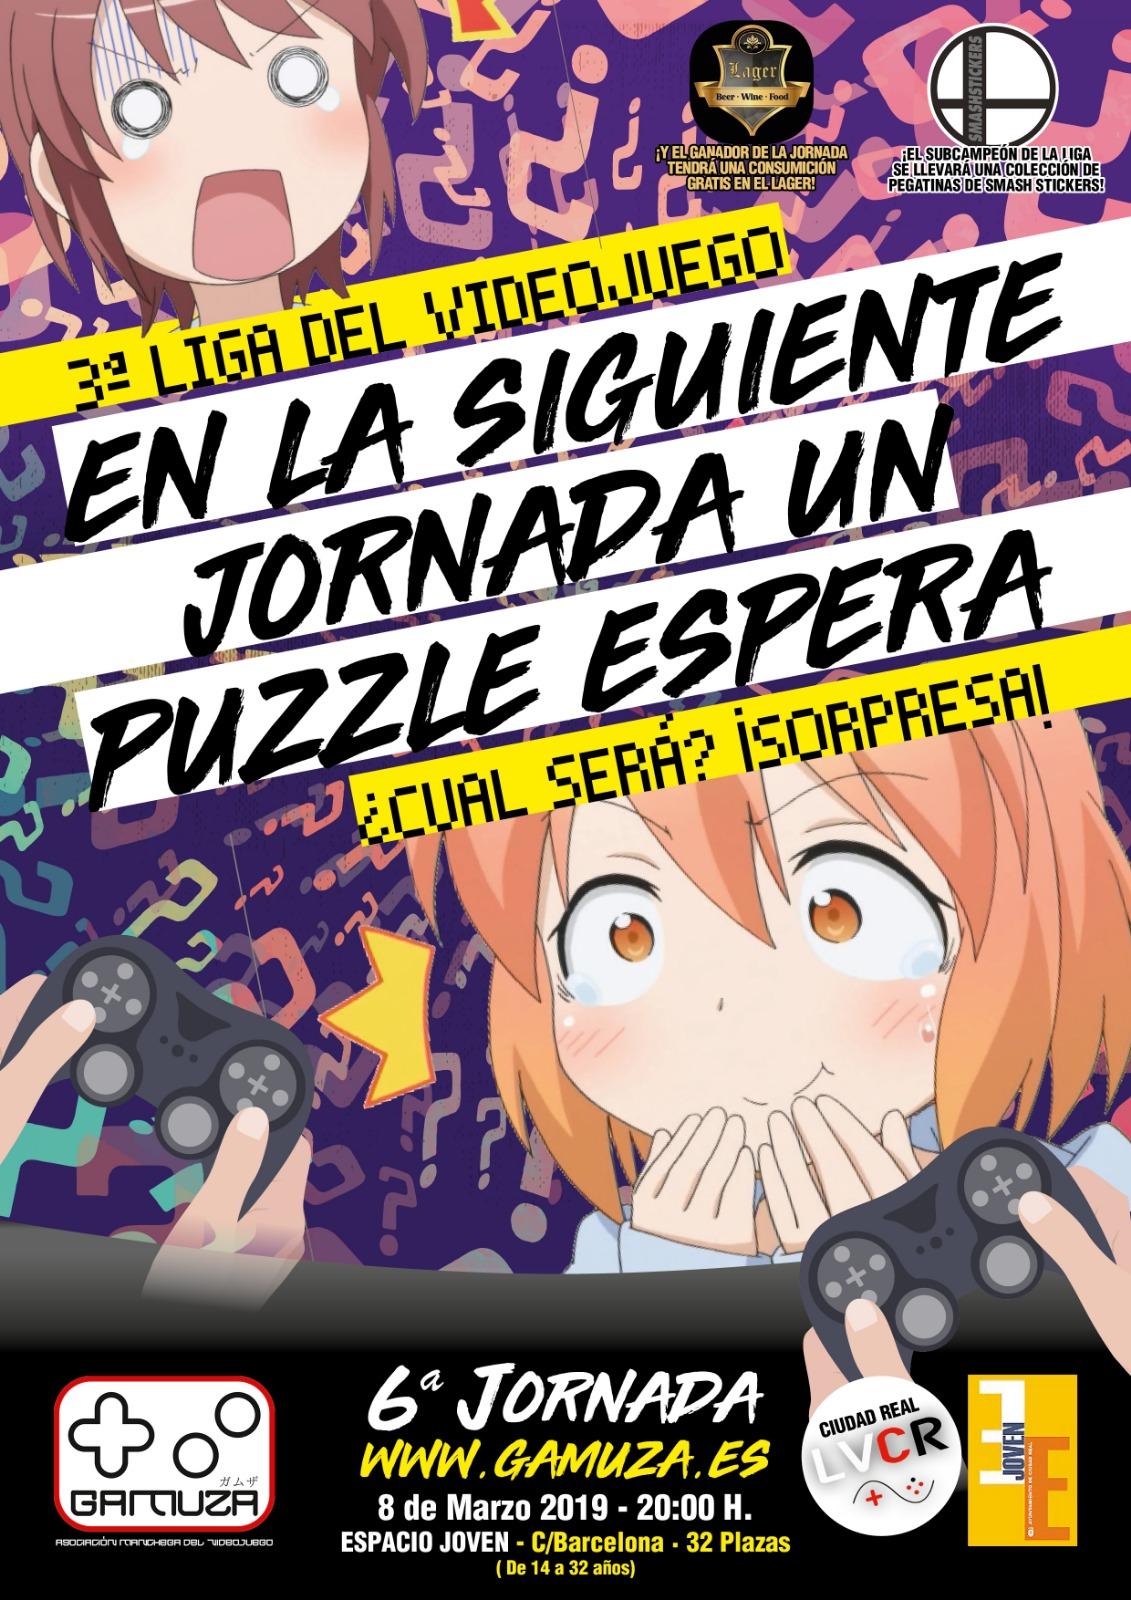 3a-liga-de-videojuegos-ciudad-real-jornada-6